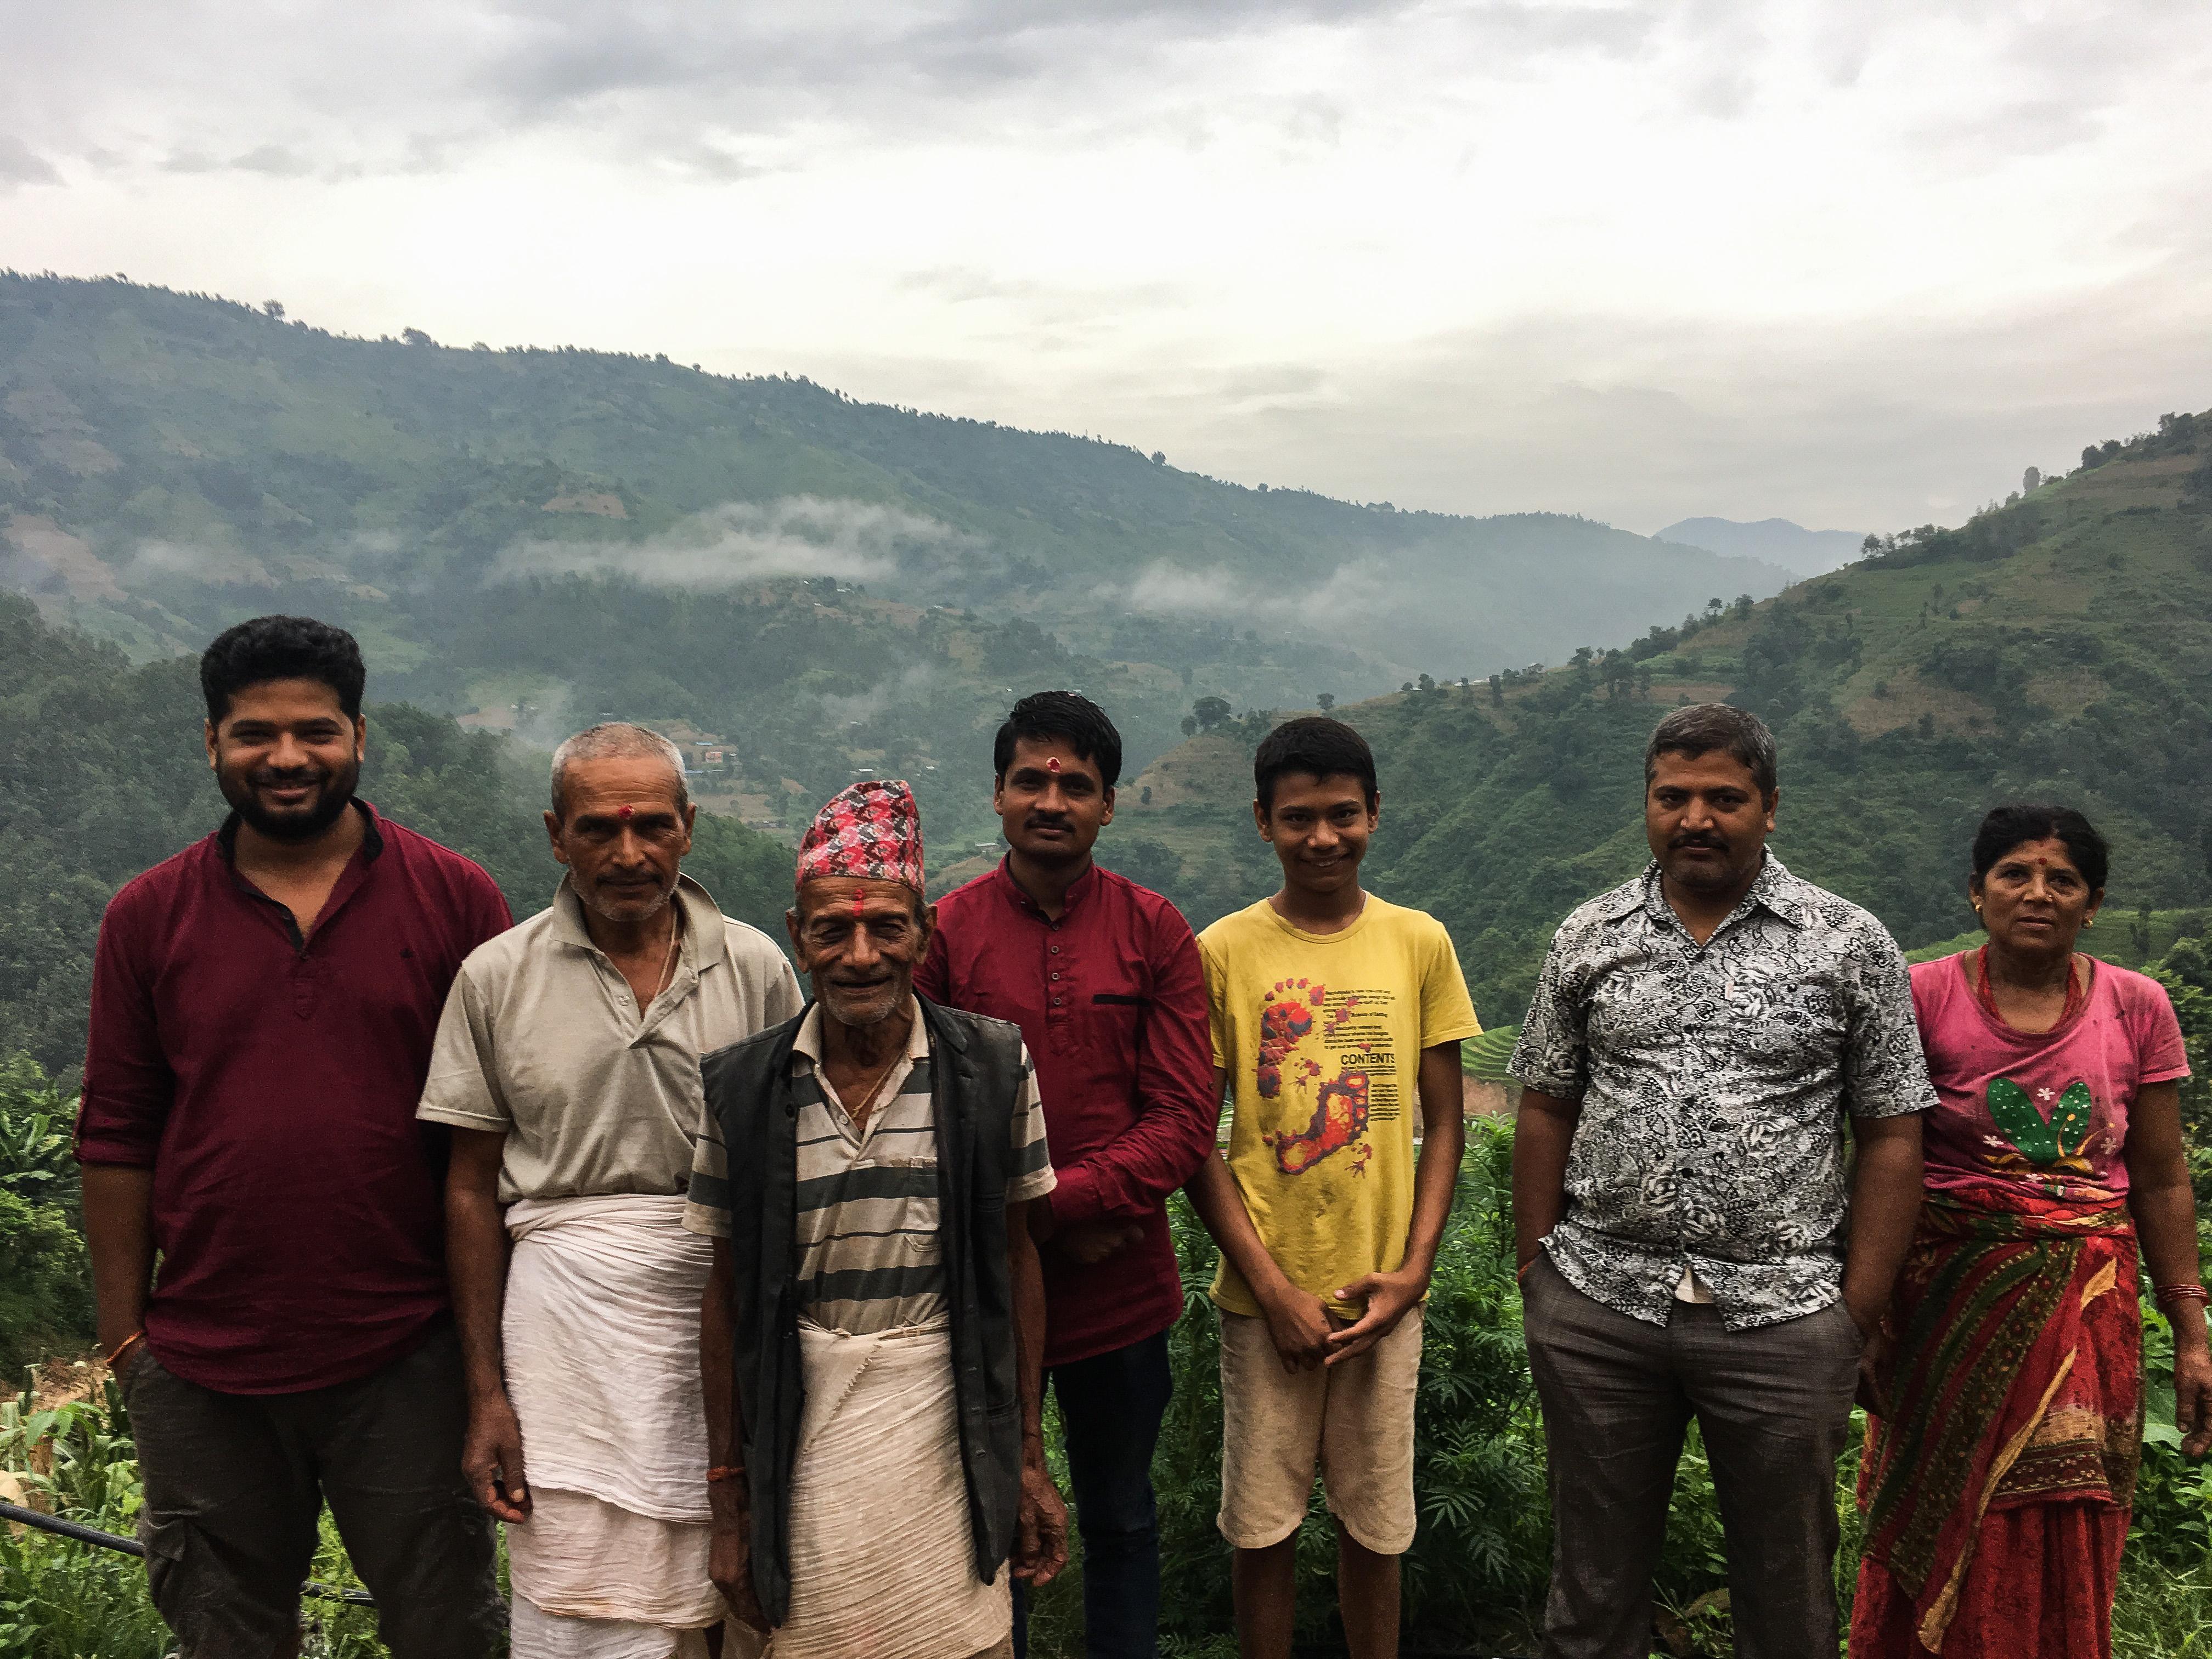 De gauche à droite : Santosh, son père, son grand-père, son cousin, Pravakar, Nabaraj, sa mère.